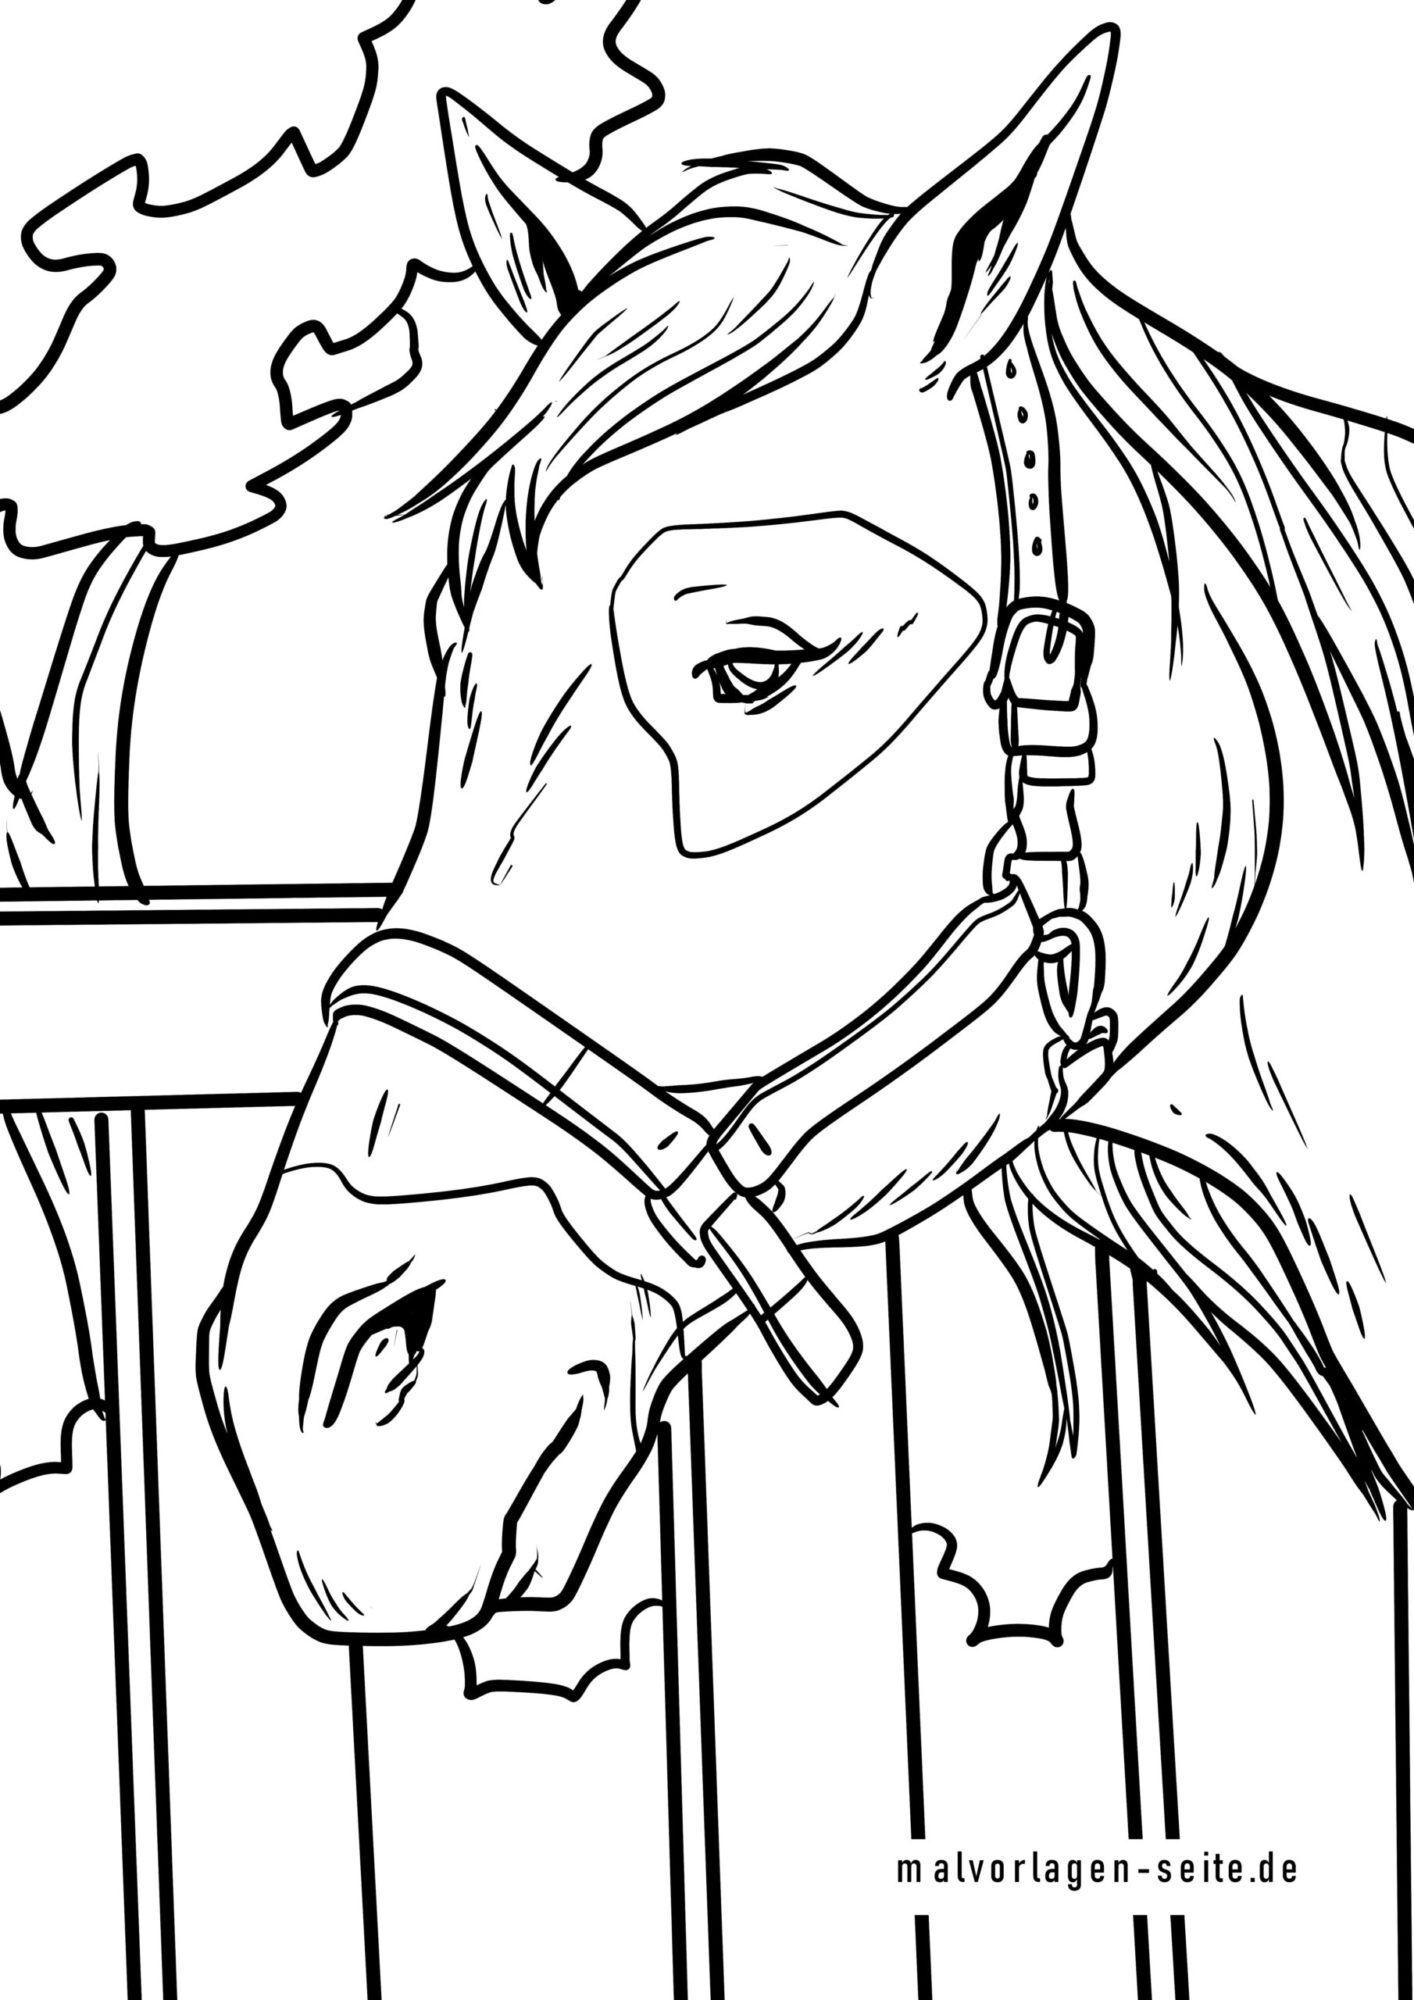 Värityskuva hevosen pää